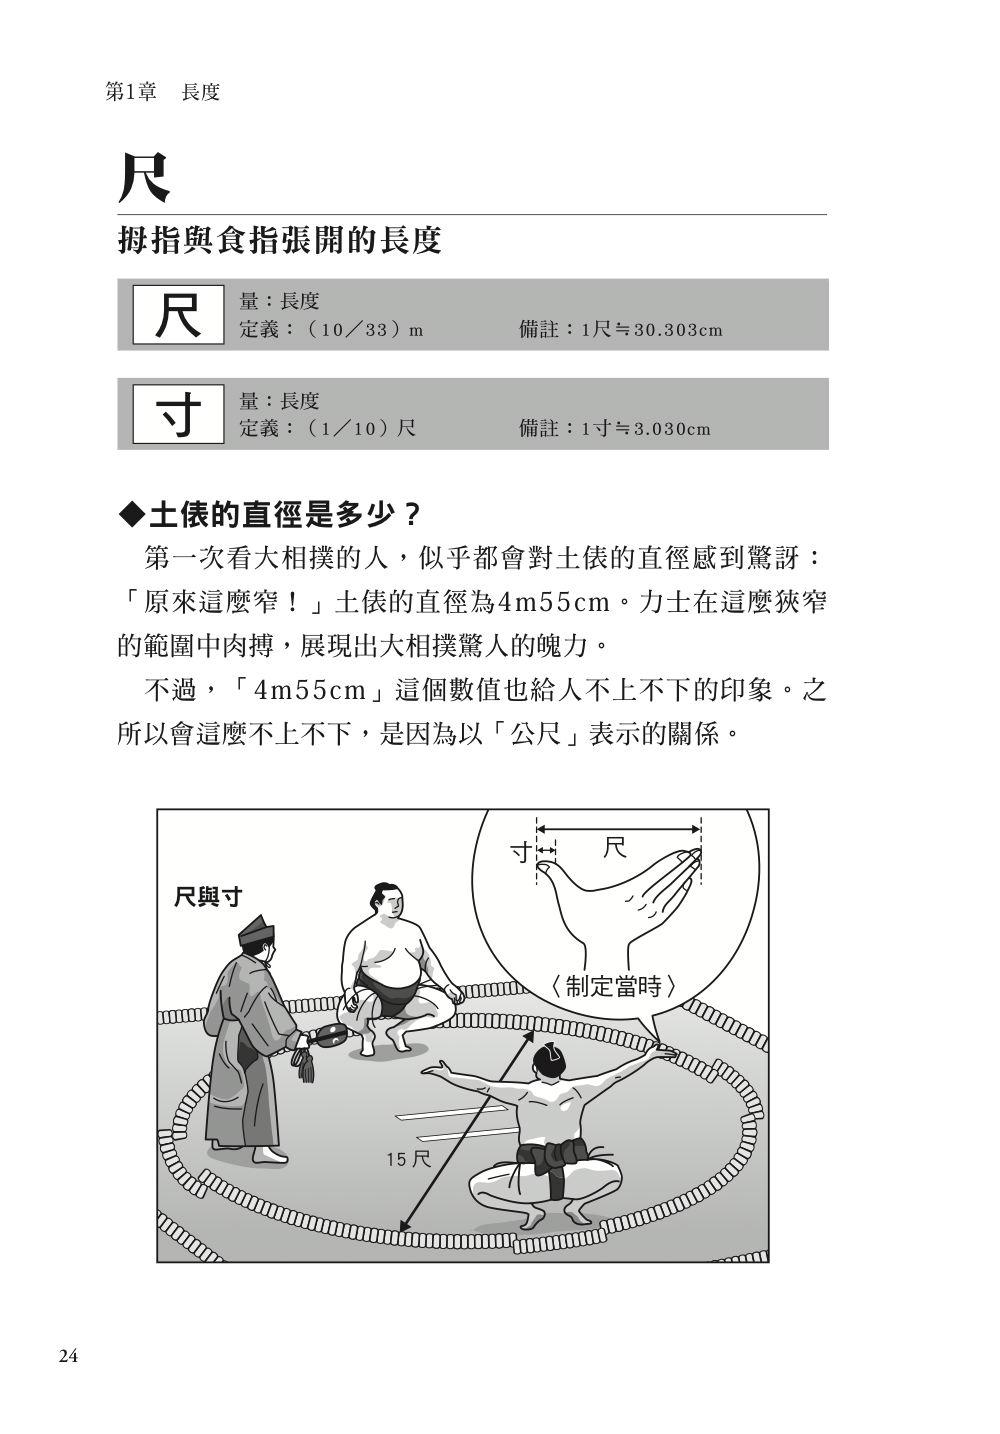 http://im1.book.com.tw/image/getImage?i=http://www.books.com.tw/img/001/072/00/0010720054_b_04.jpg&v=576933a5&w=655&h=609